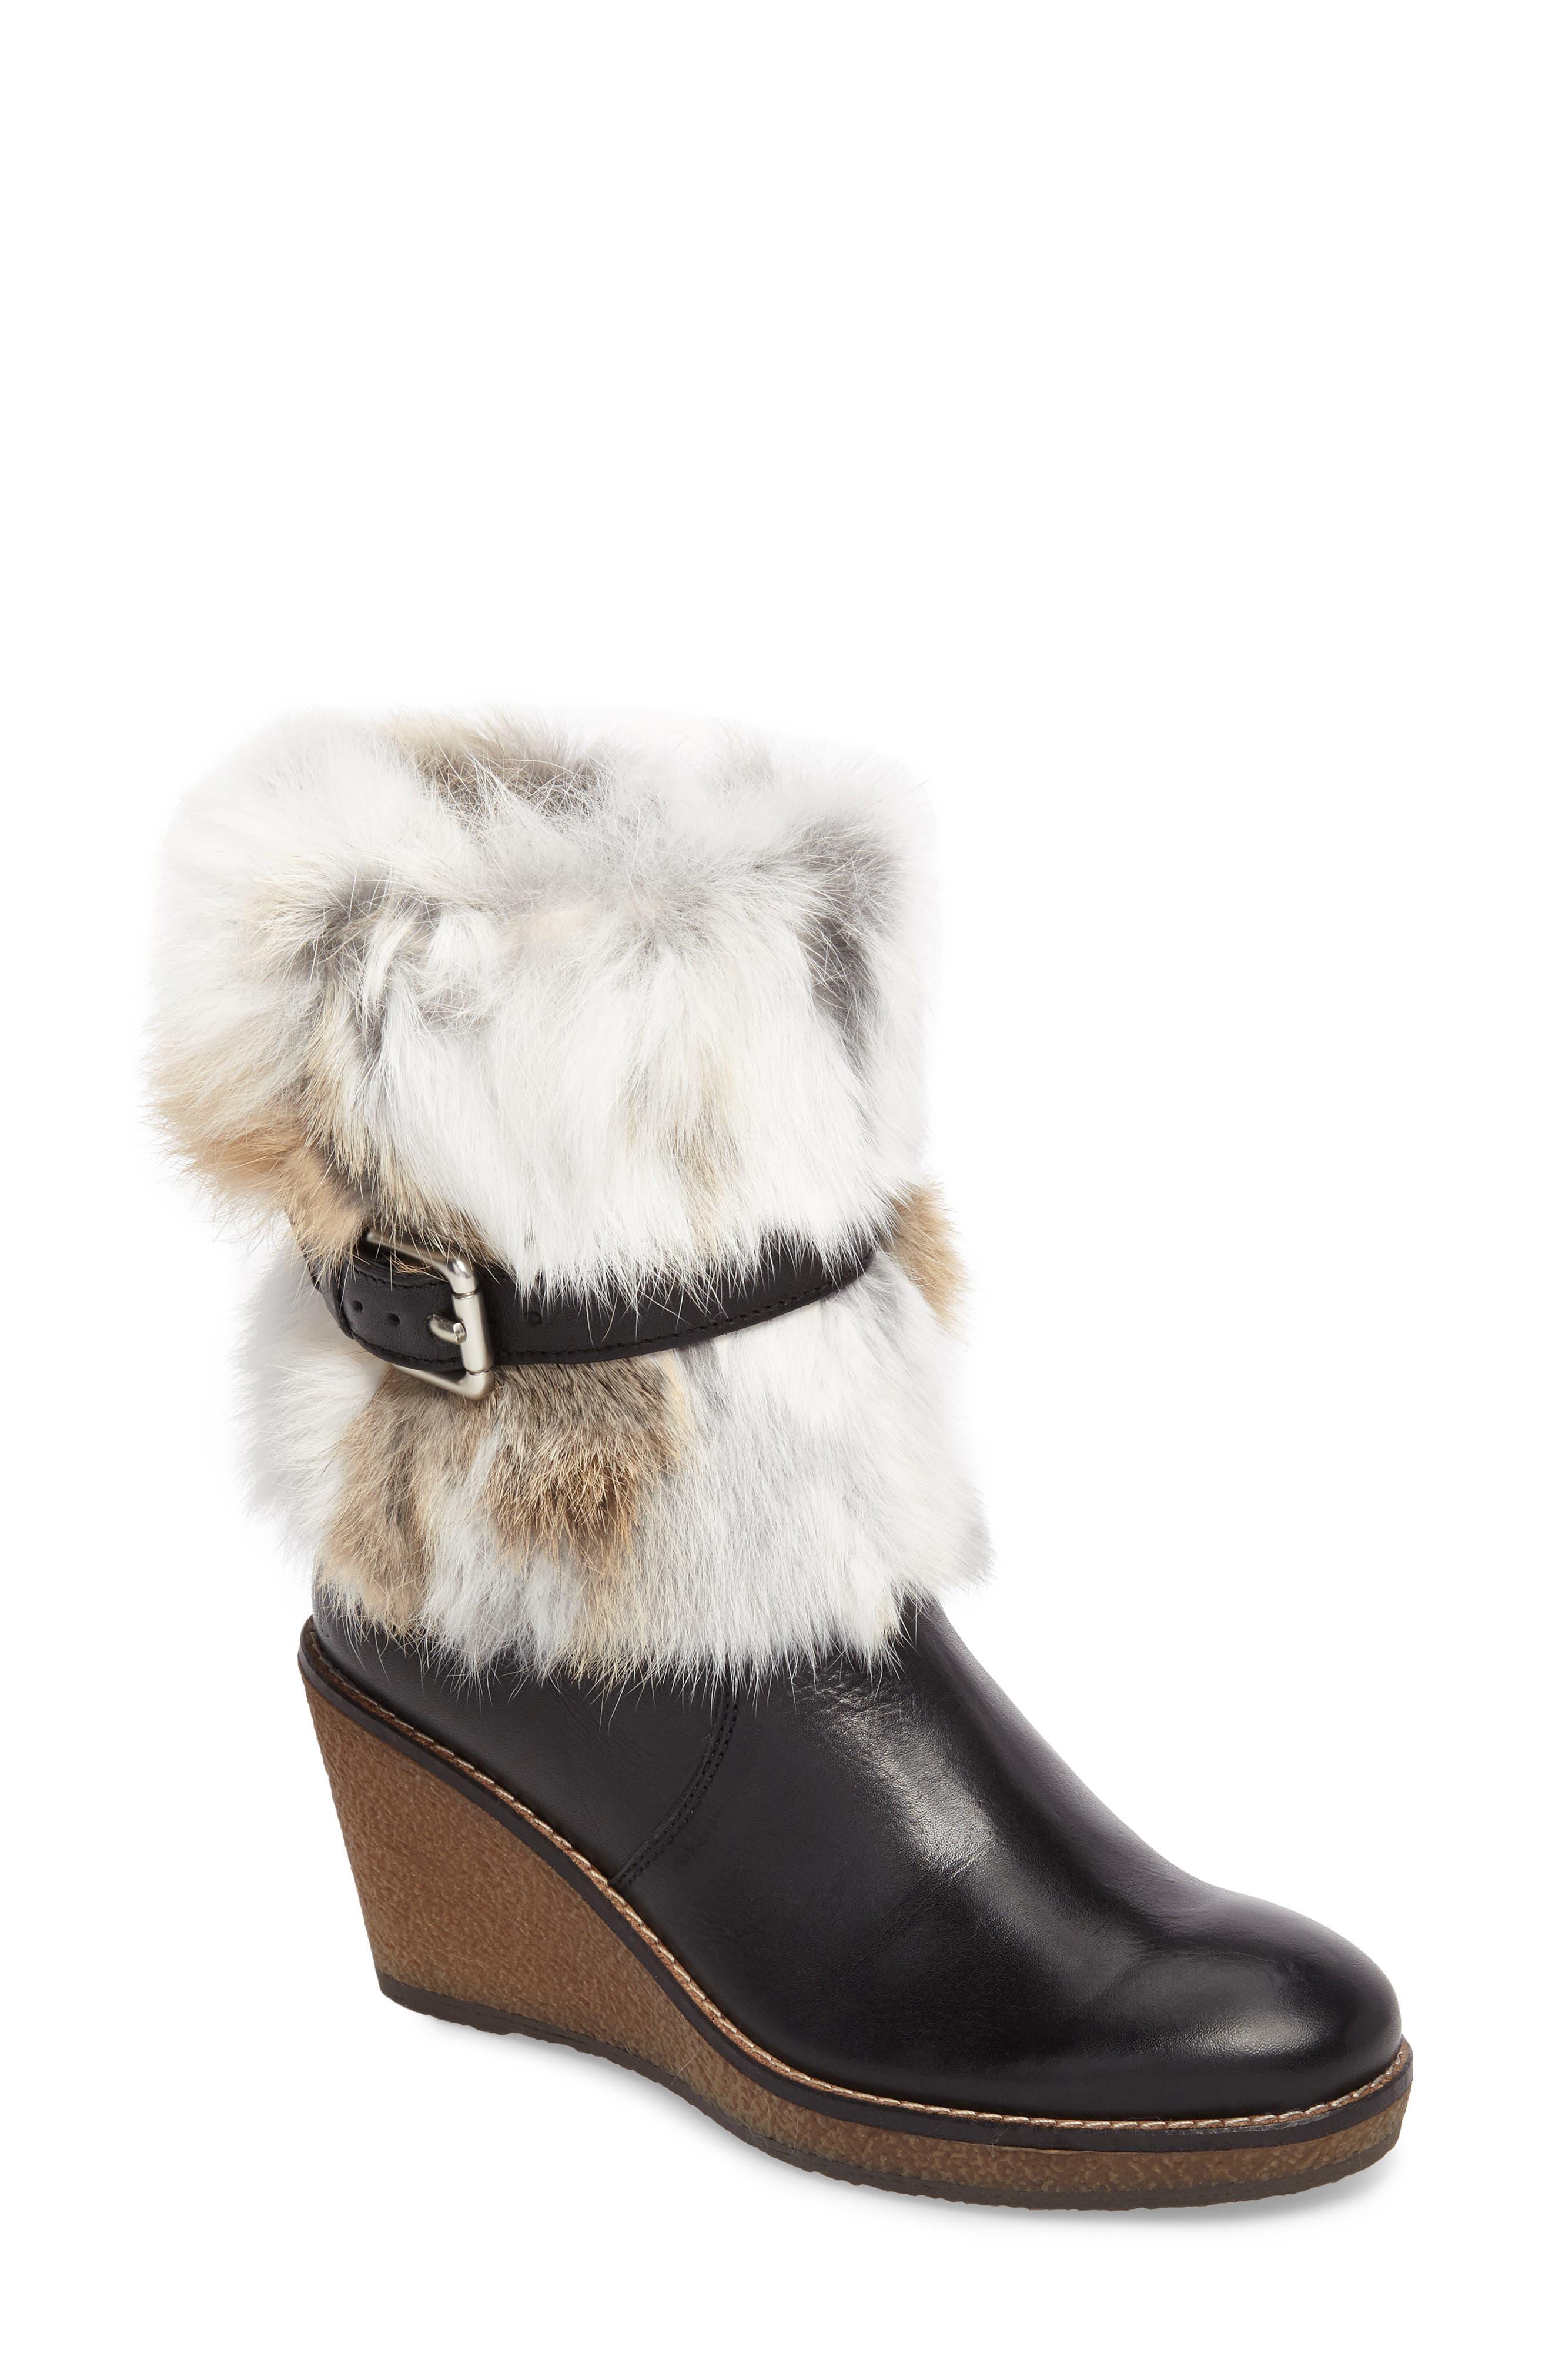 Tasarla Genuine Rabbit Fur Trim Boot,                         Main,                         color, 001